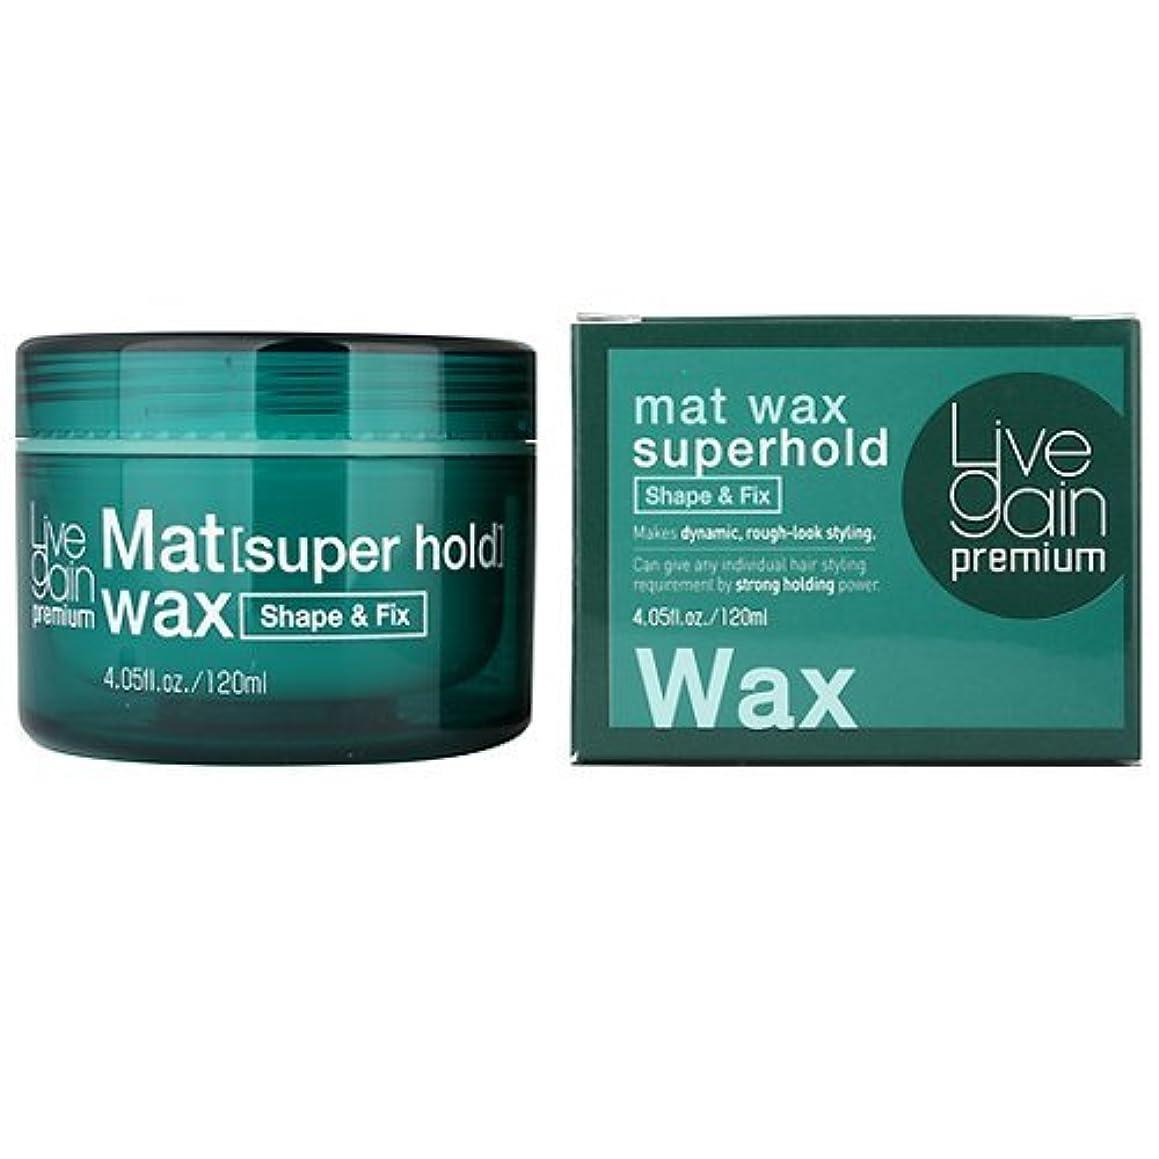 伝記印をつける成功したLivegain プレミアム マット ワックス スーパーホールド 120ml マット ヘア ワックス ストロング ホールド (Premium Mat Wax Superhold 120ml Matte Hair wax...